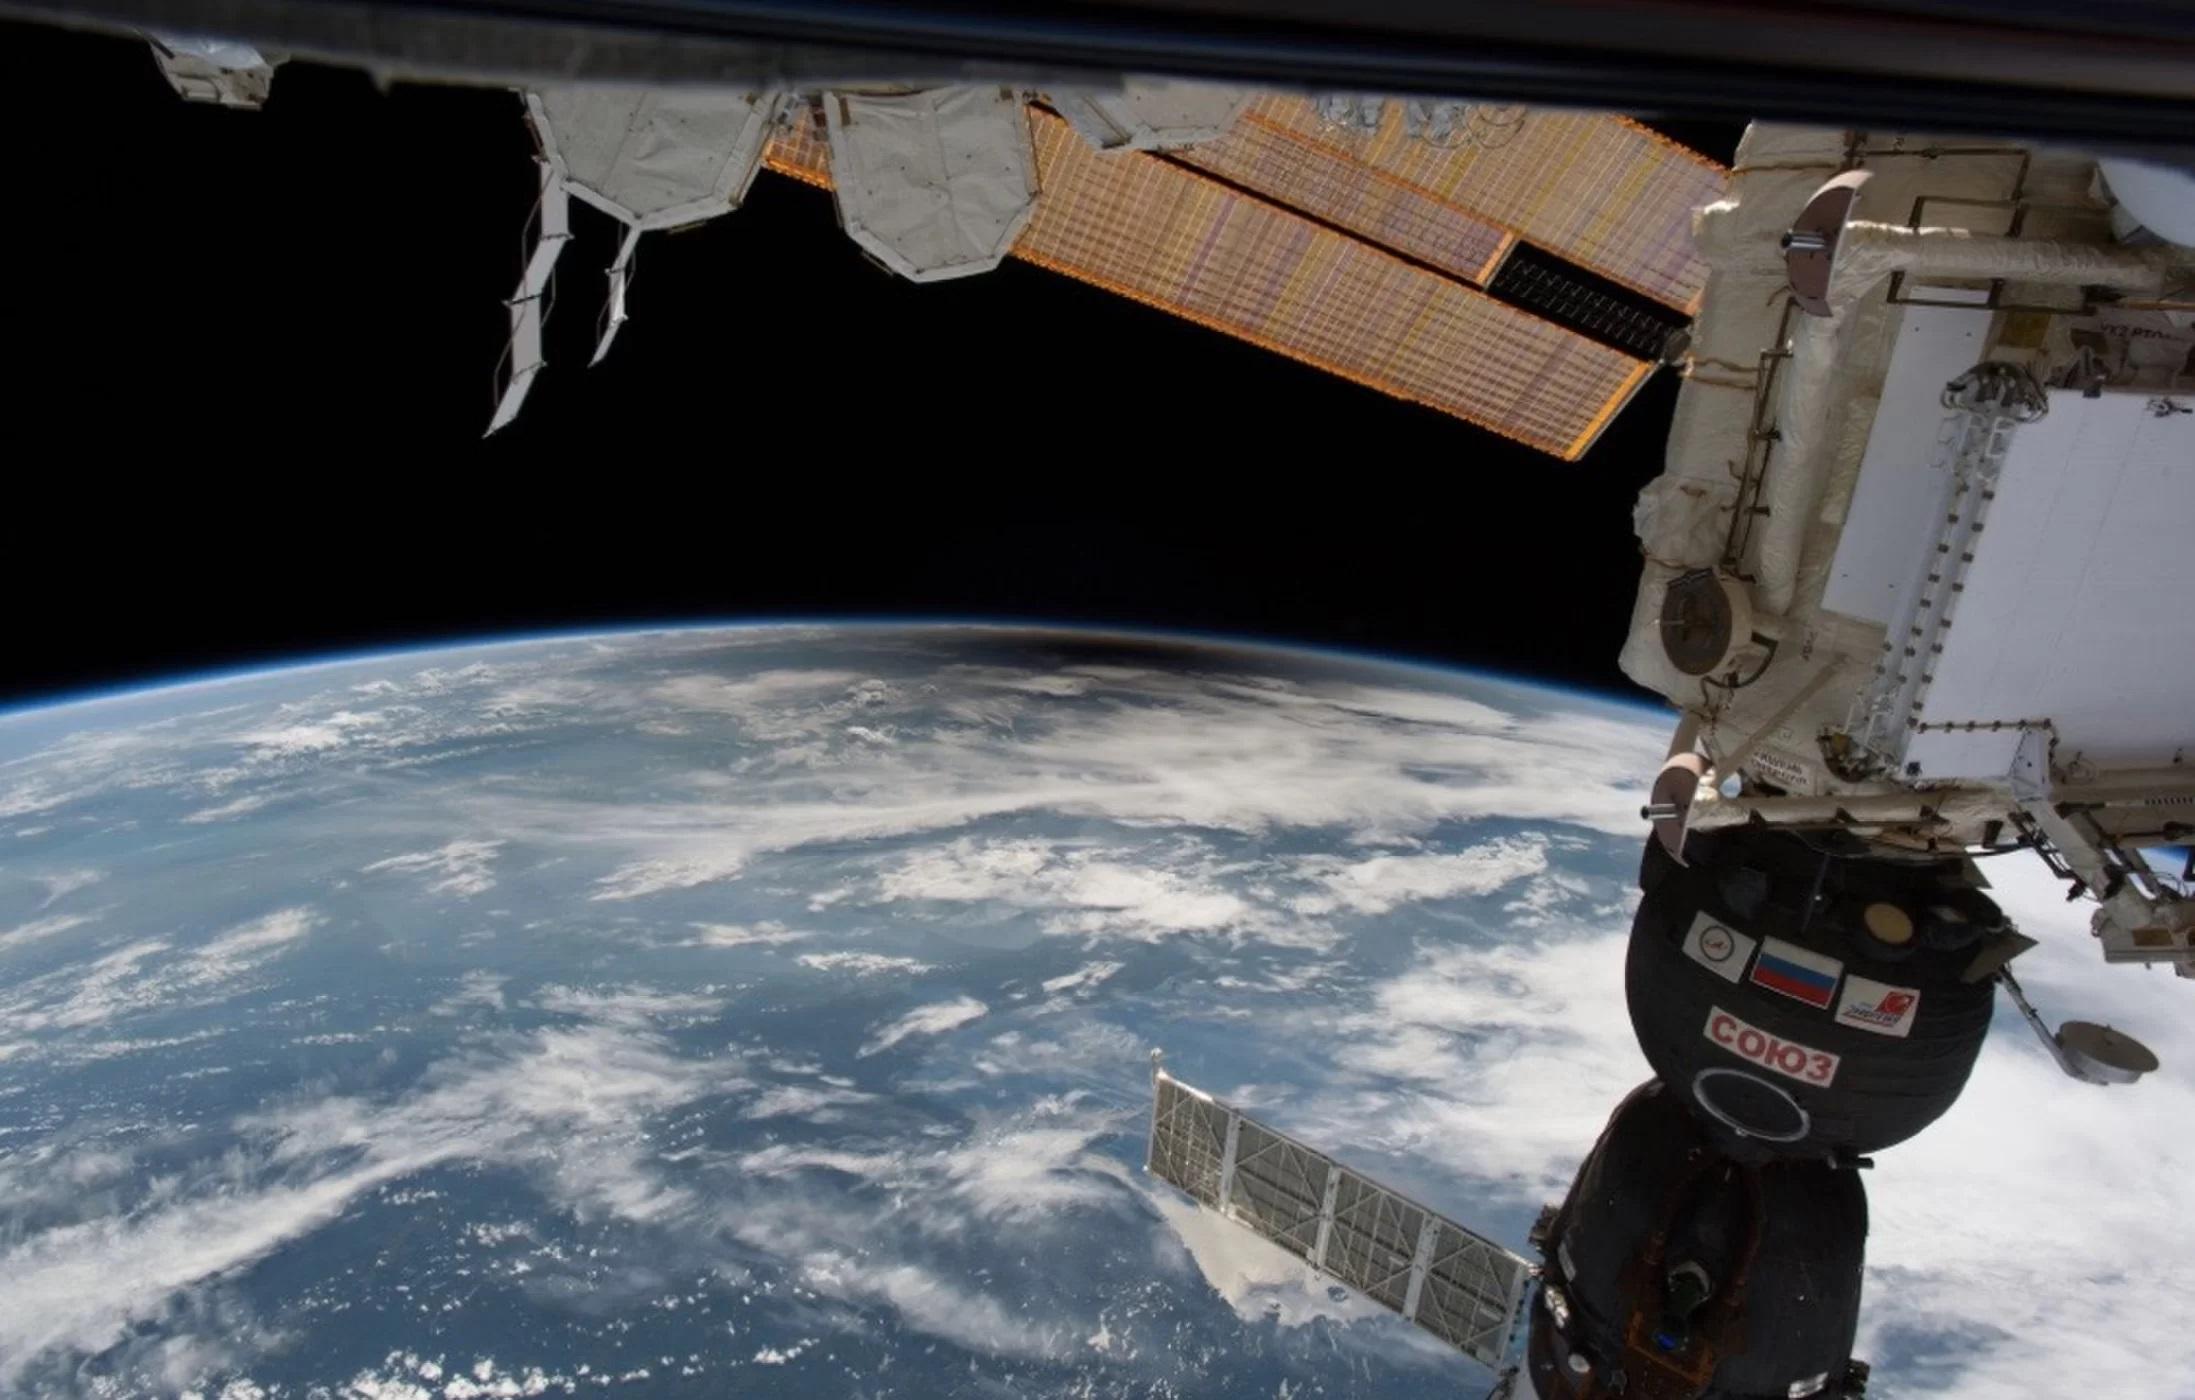 Kolejny obraz zaćmienia widocznego z ISS.